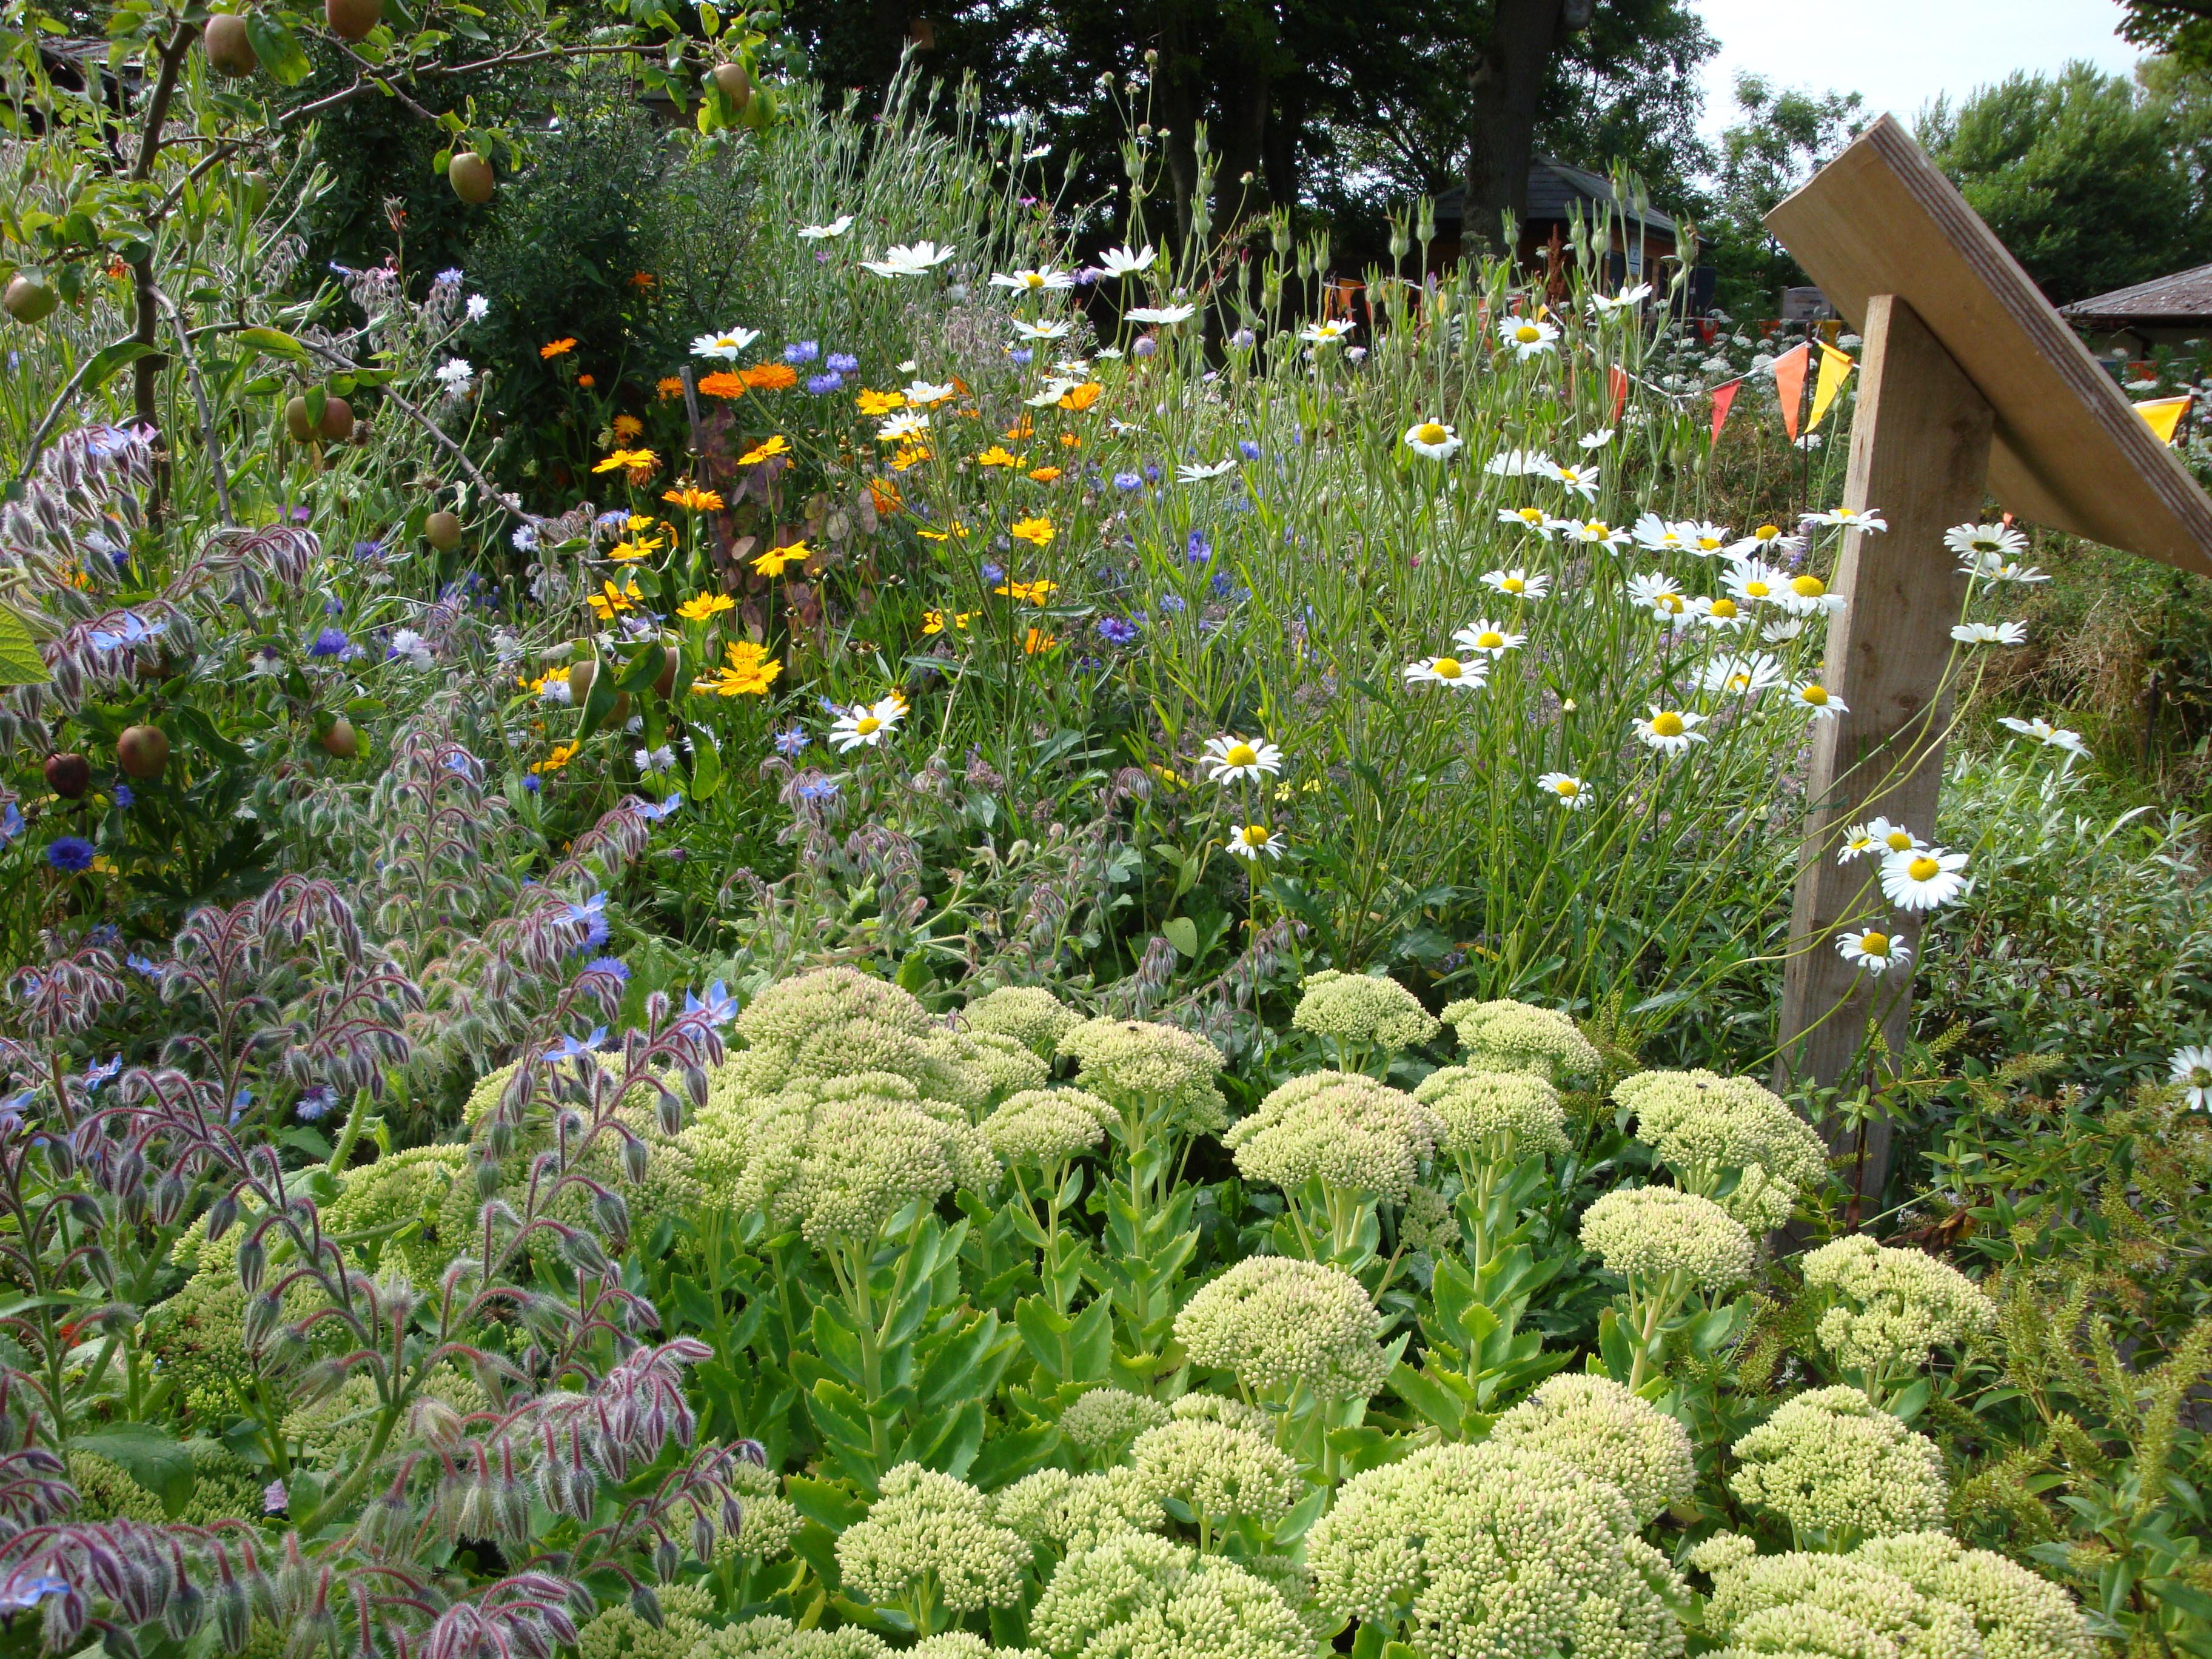 Wyre estuary country park gardens